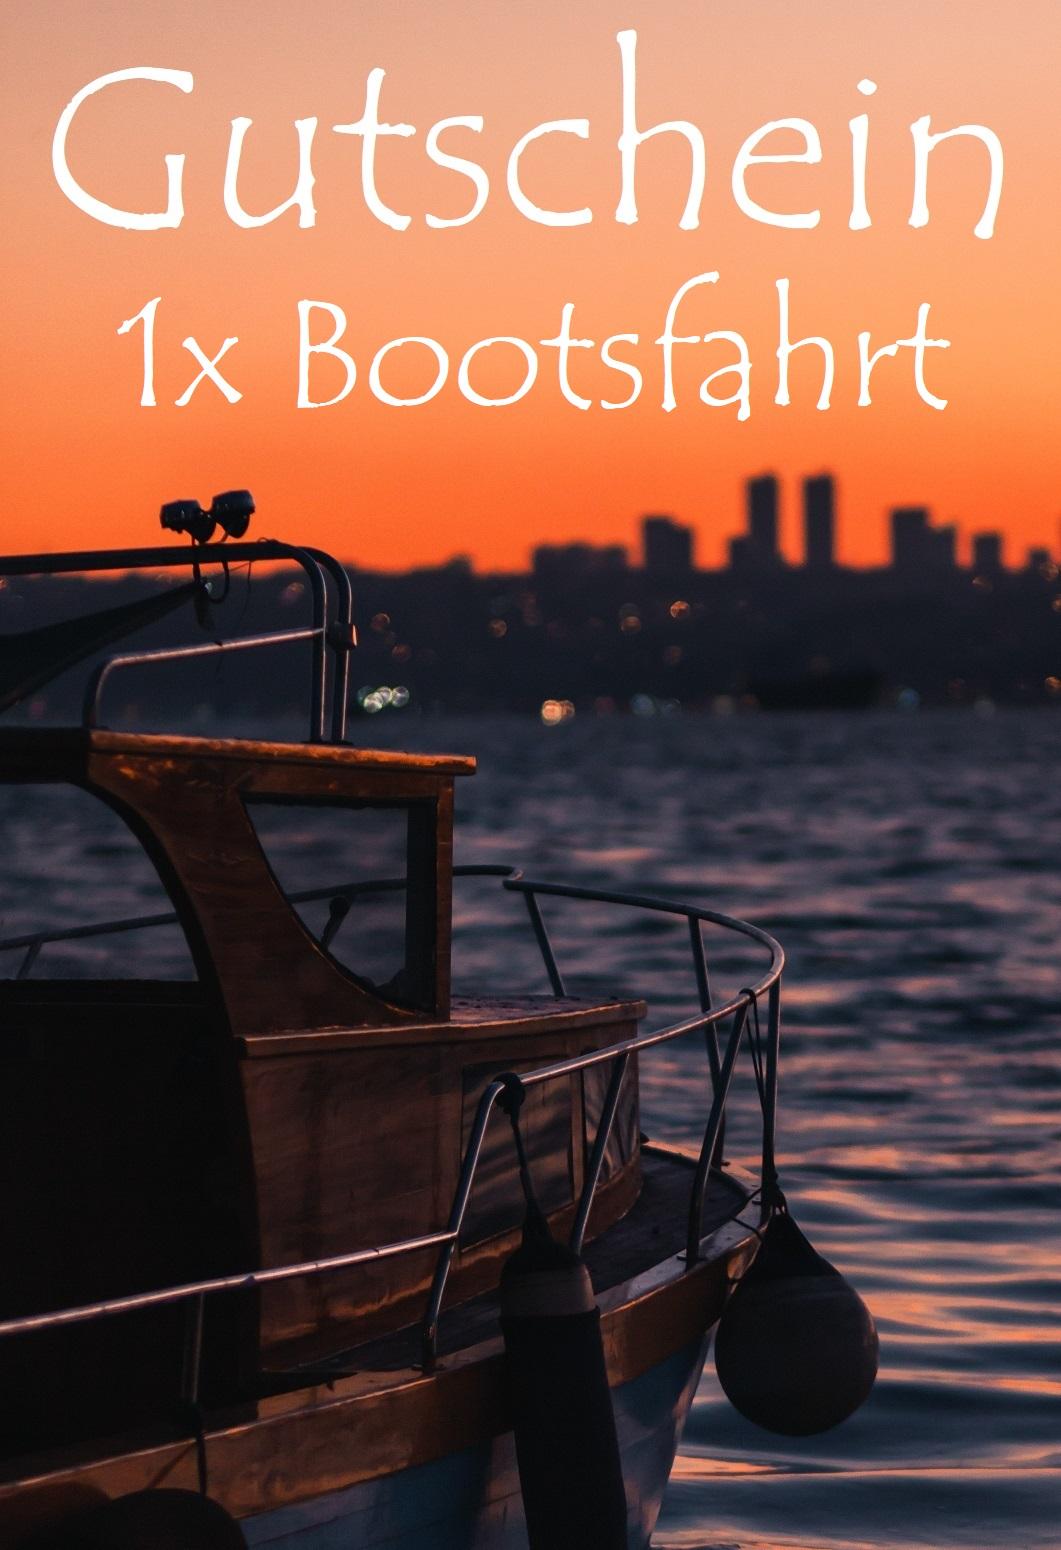 Gutscheinvorlage für Bootstouren